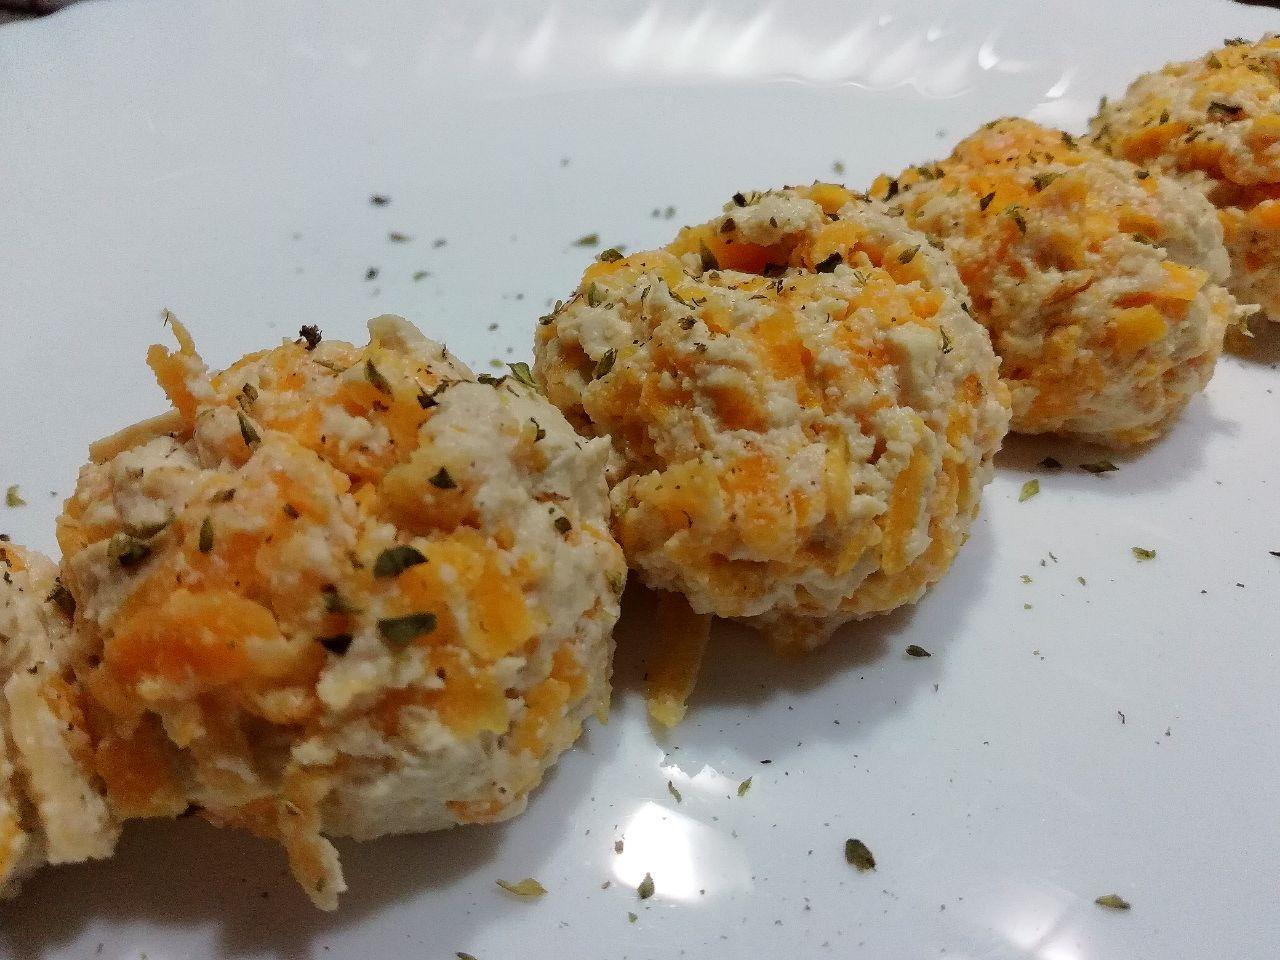 Ricette vegetariane veloci e semplici: polpette di tofu e carote!